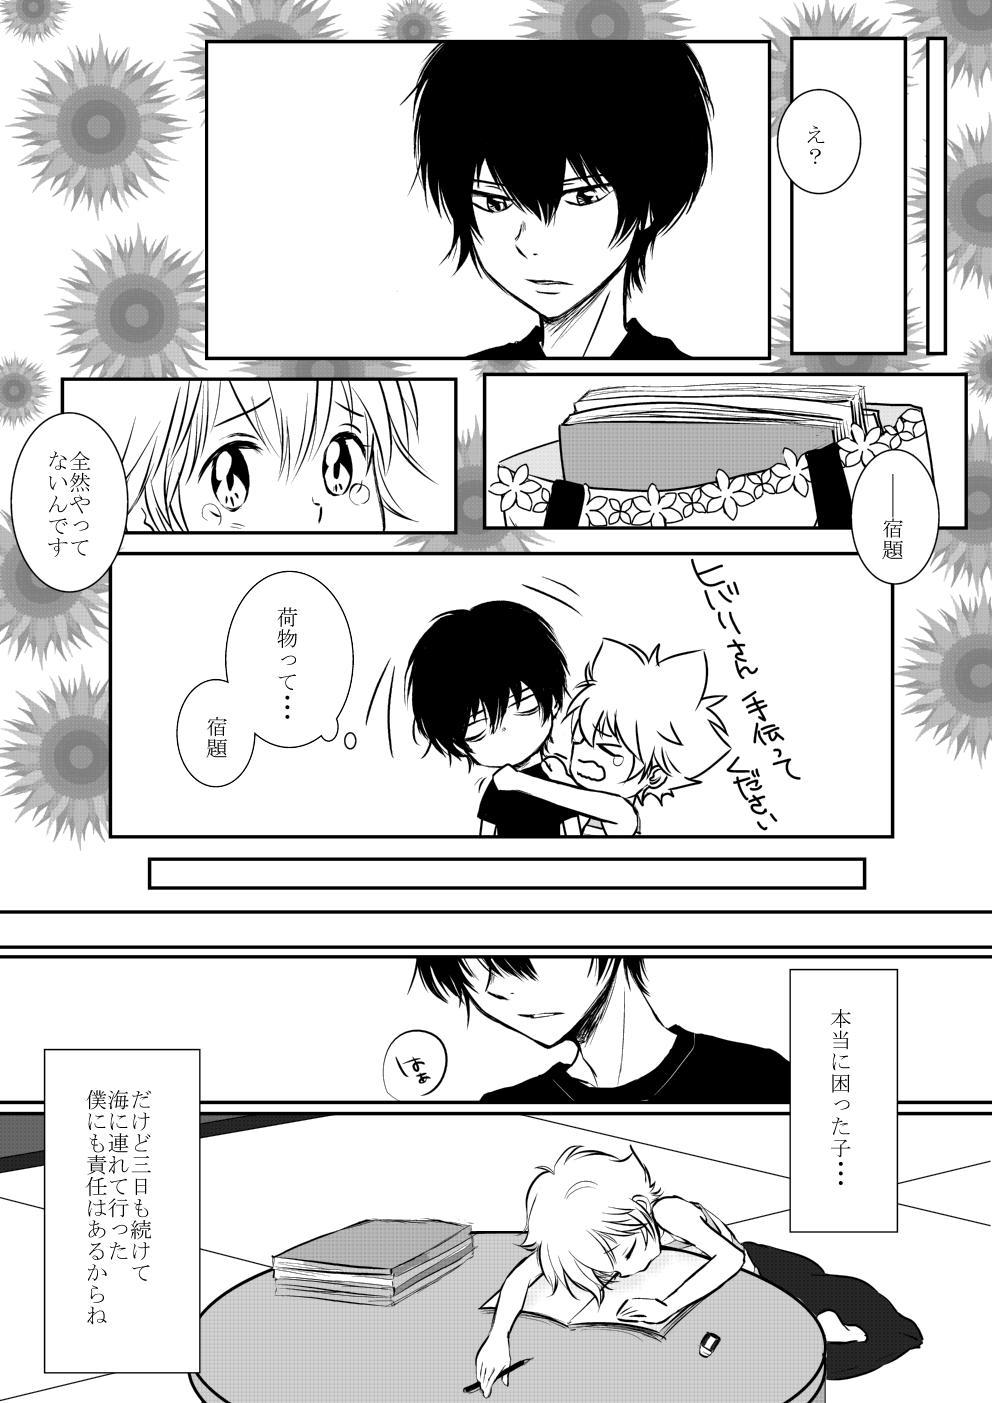 Boku to Anoko no Umi Monogatari 23